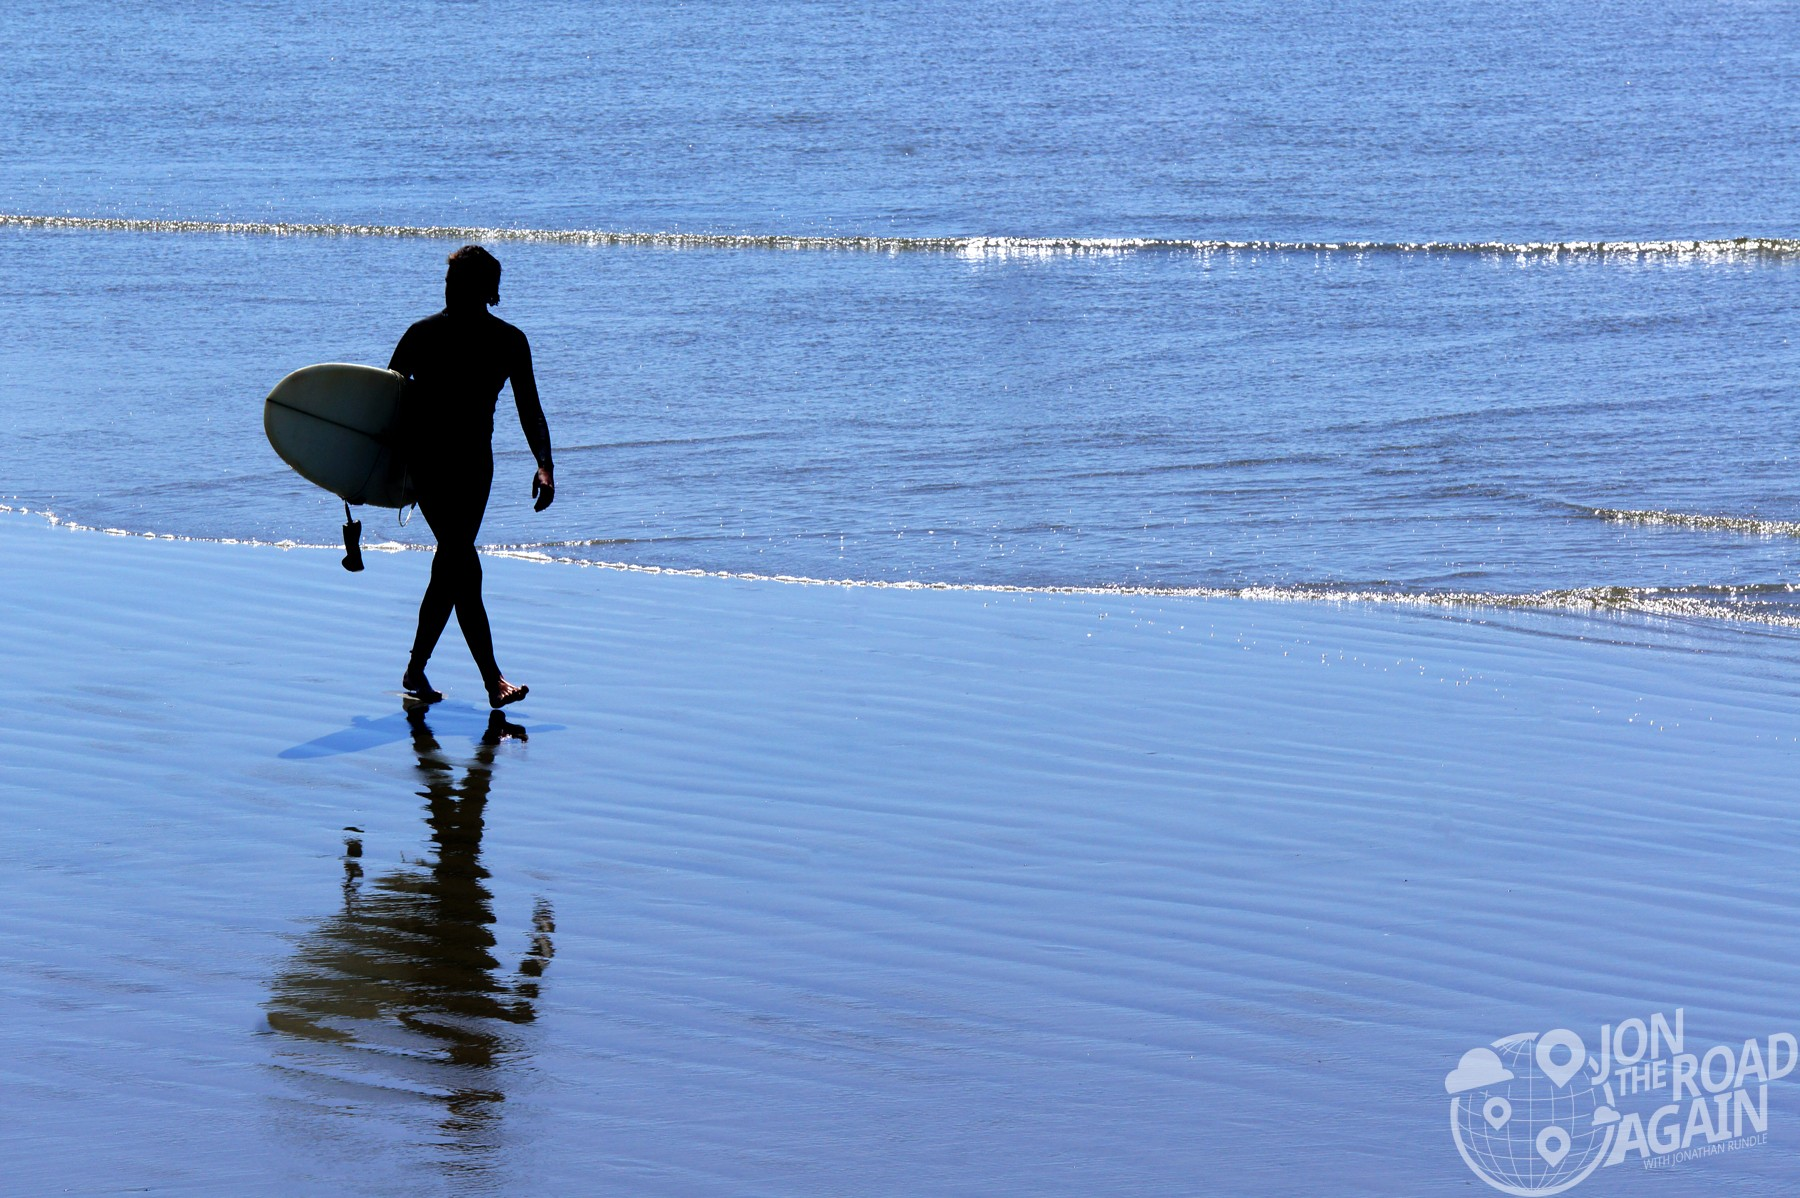 Surfer in Tofino